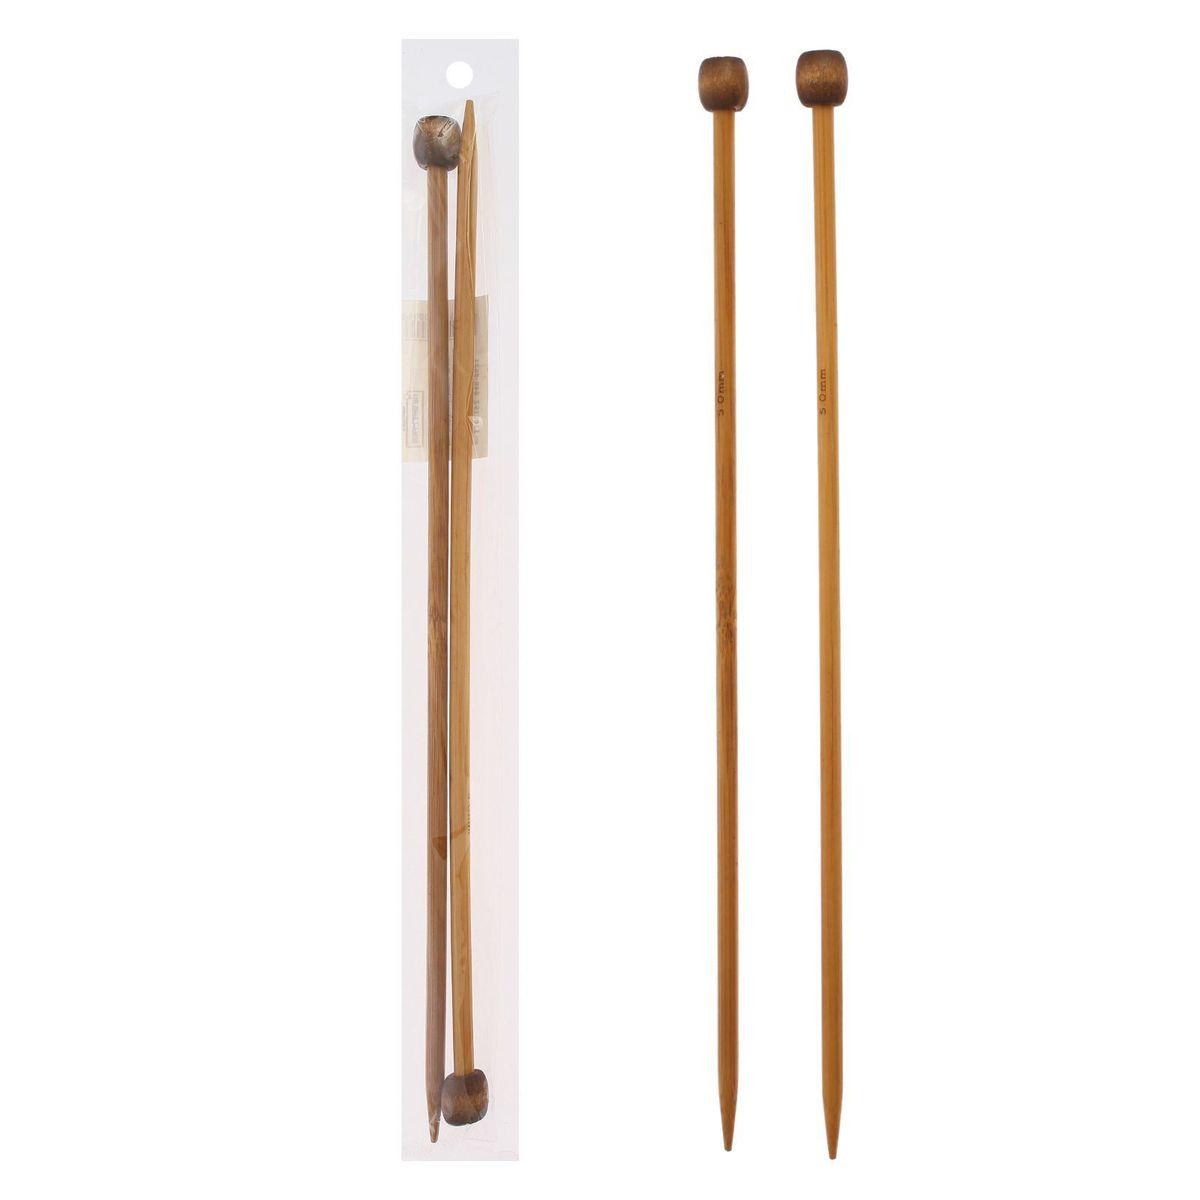 Спицы Sima-land, бамбуковые, прямые, диаметр 5 мм, длина 25 см, 2 шт сувенирное оружие sima land мушкет на планшете 2 шт 227436